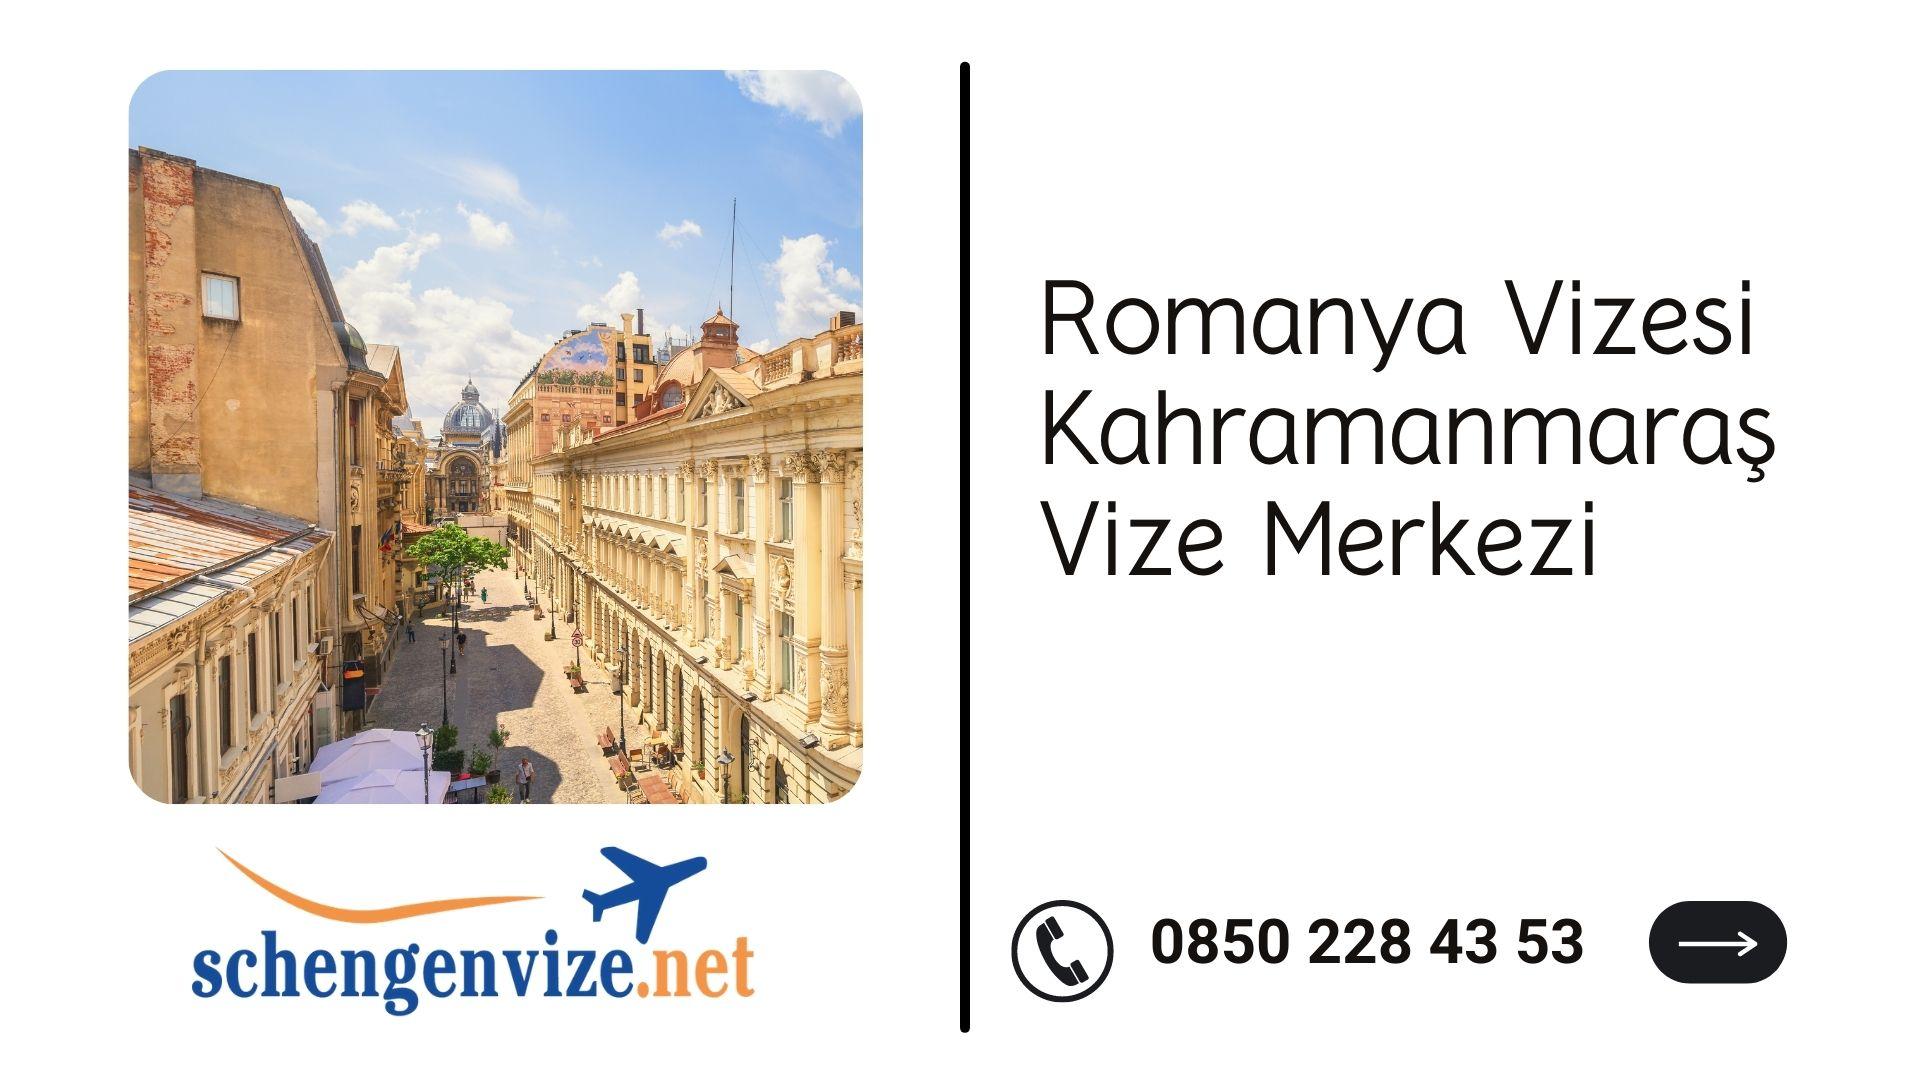 Romanya Vizesi Kahramanmaraş Vize Merkezi